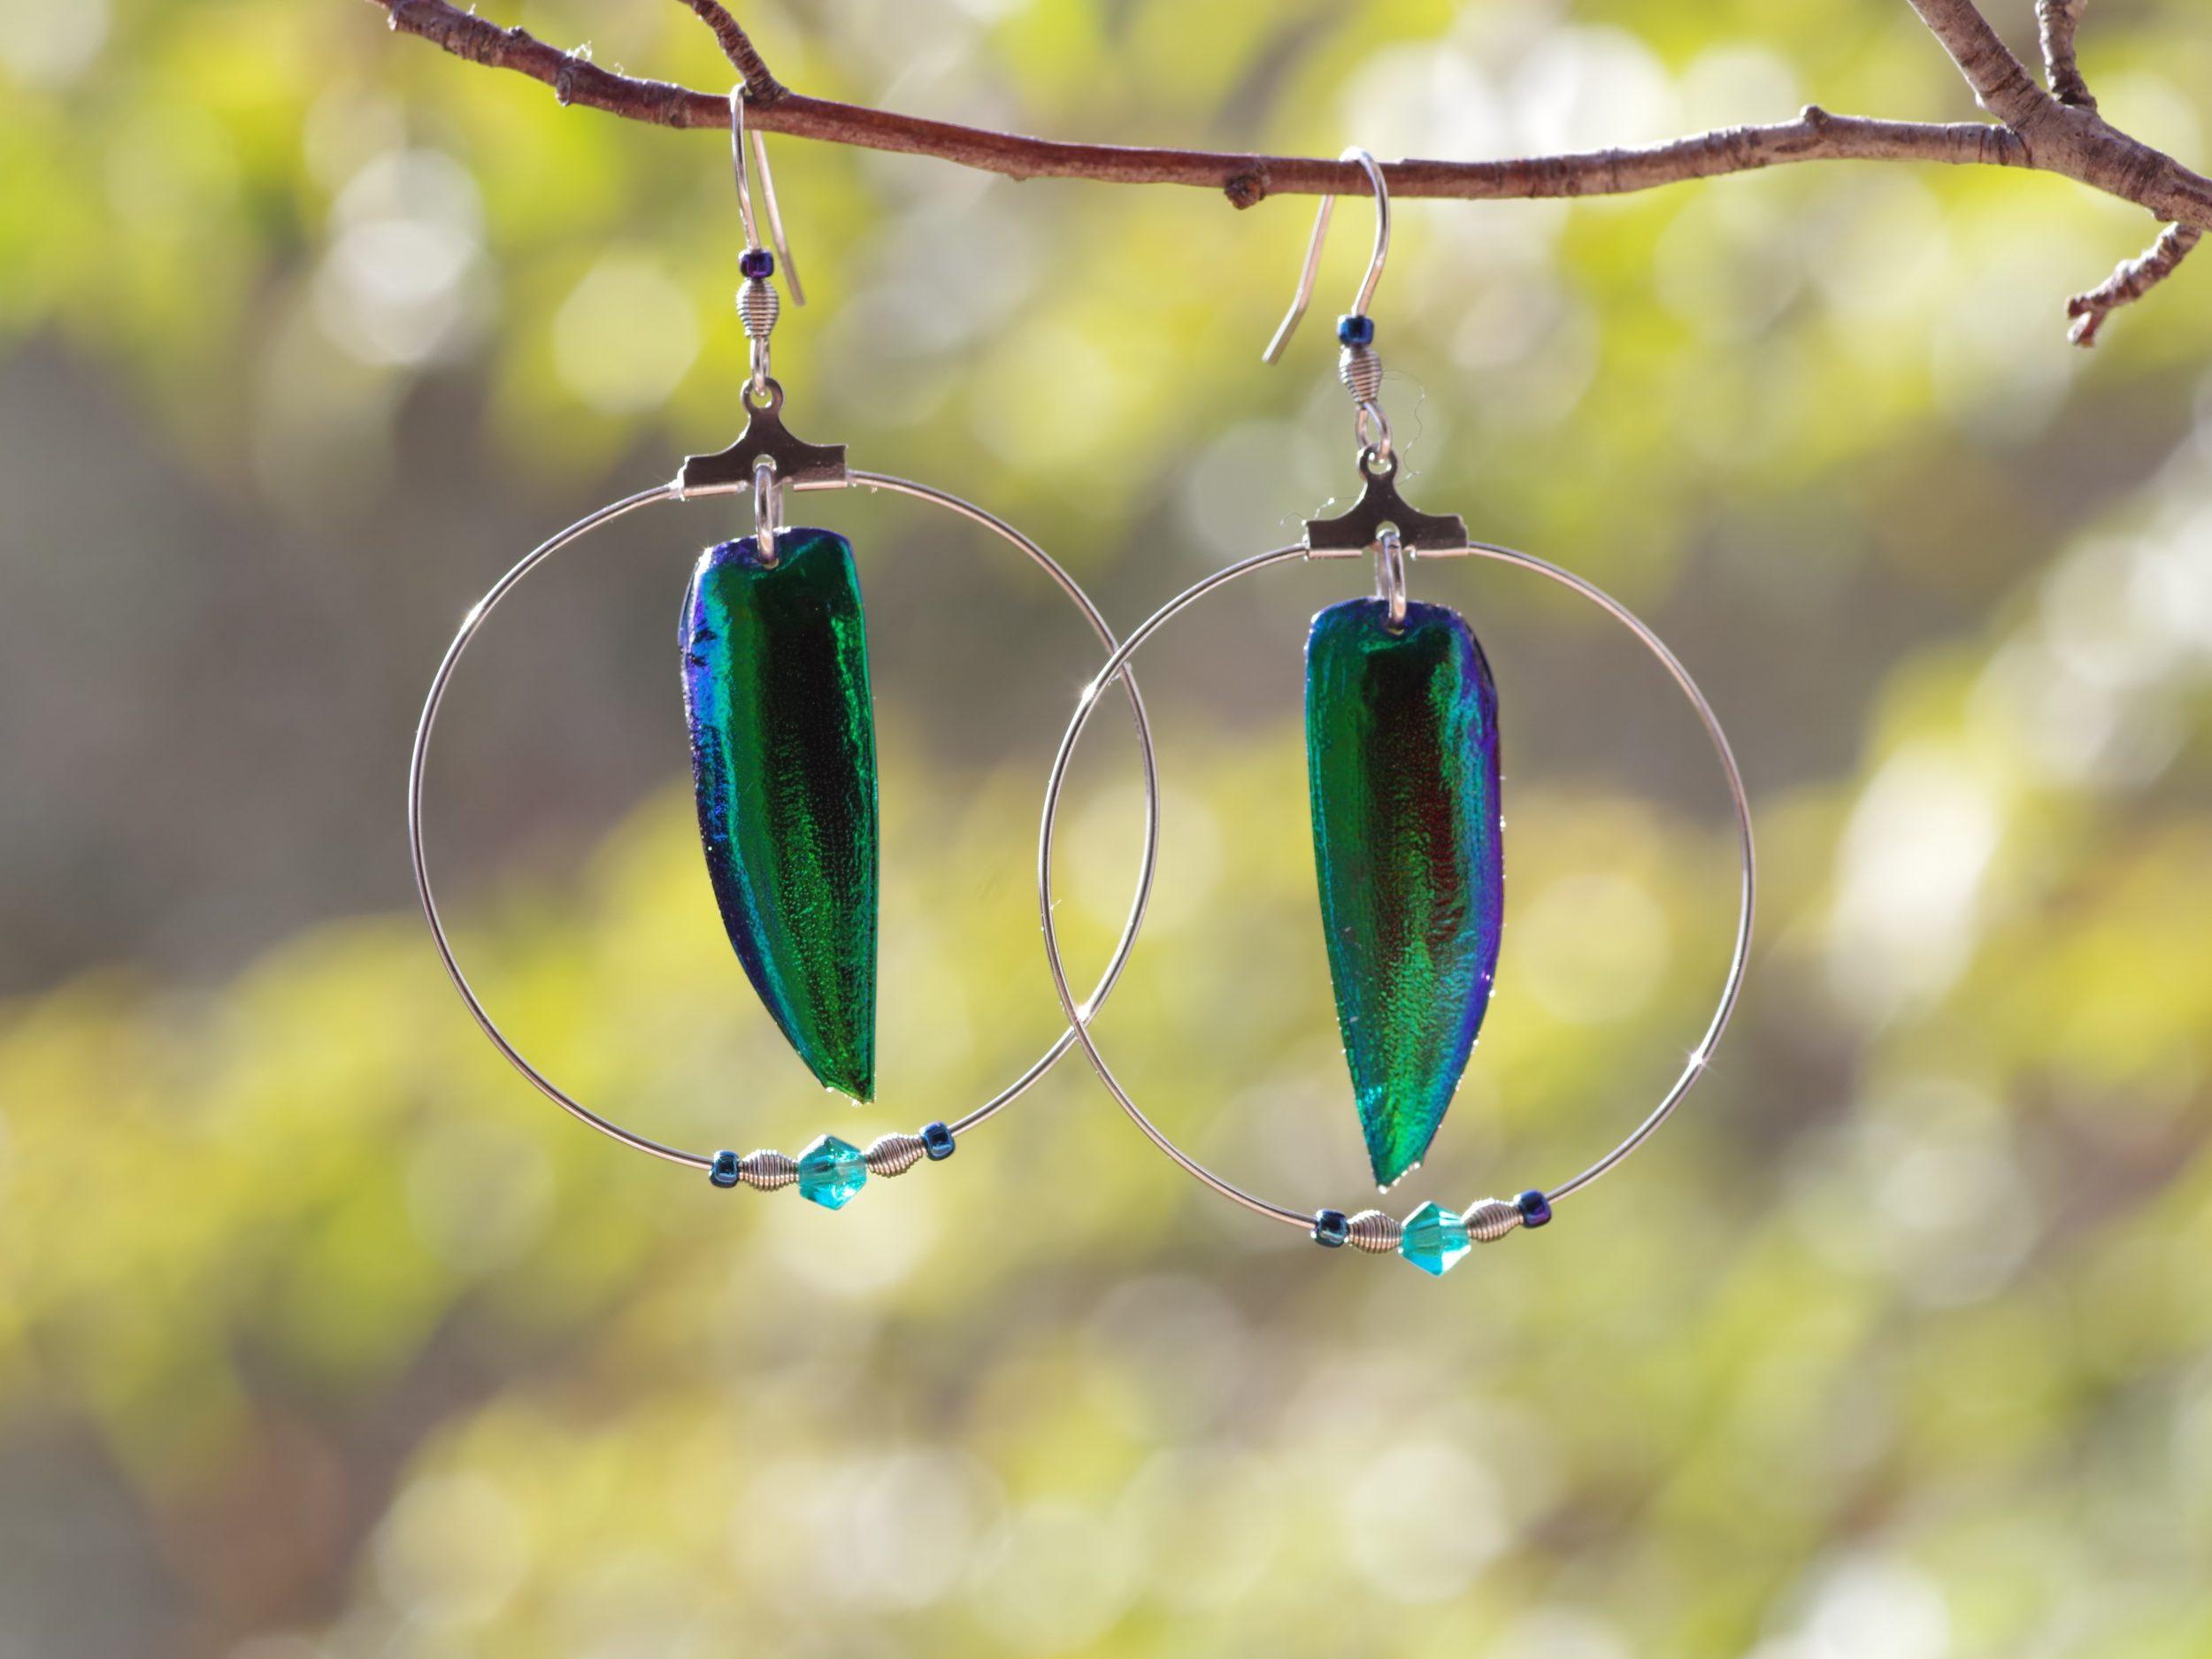 Boucles d'oreilles en inox avec un bel élytre bleu-vert aux reflets métalliques dans un grand anneau, agrémenté de petites perles assorties